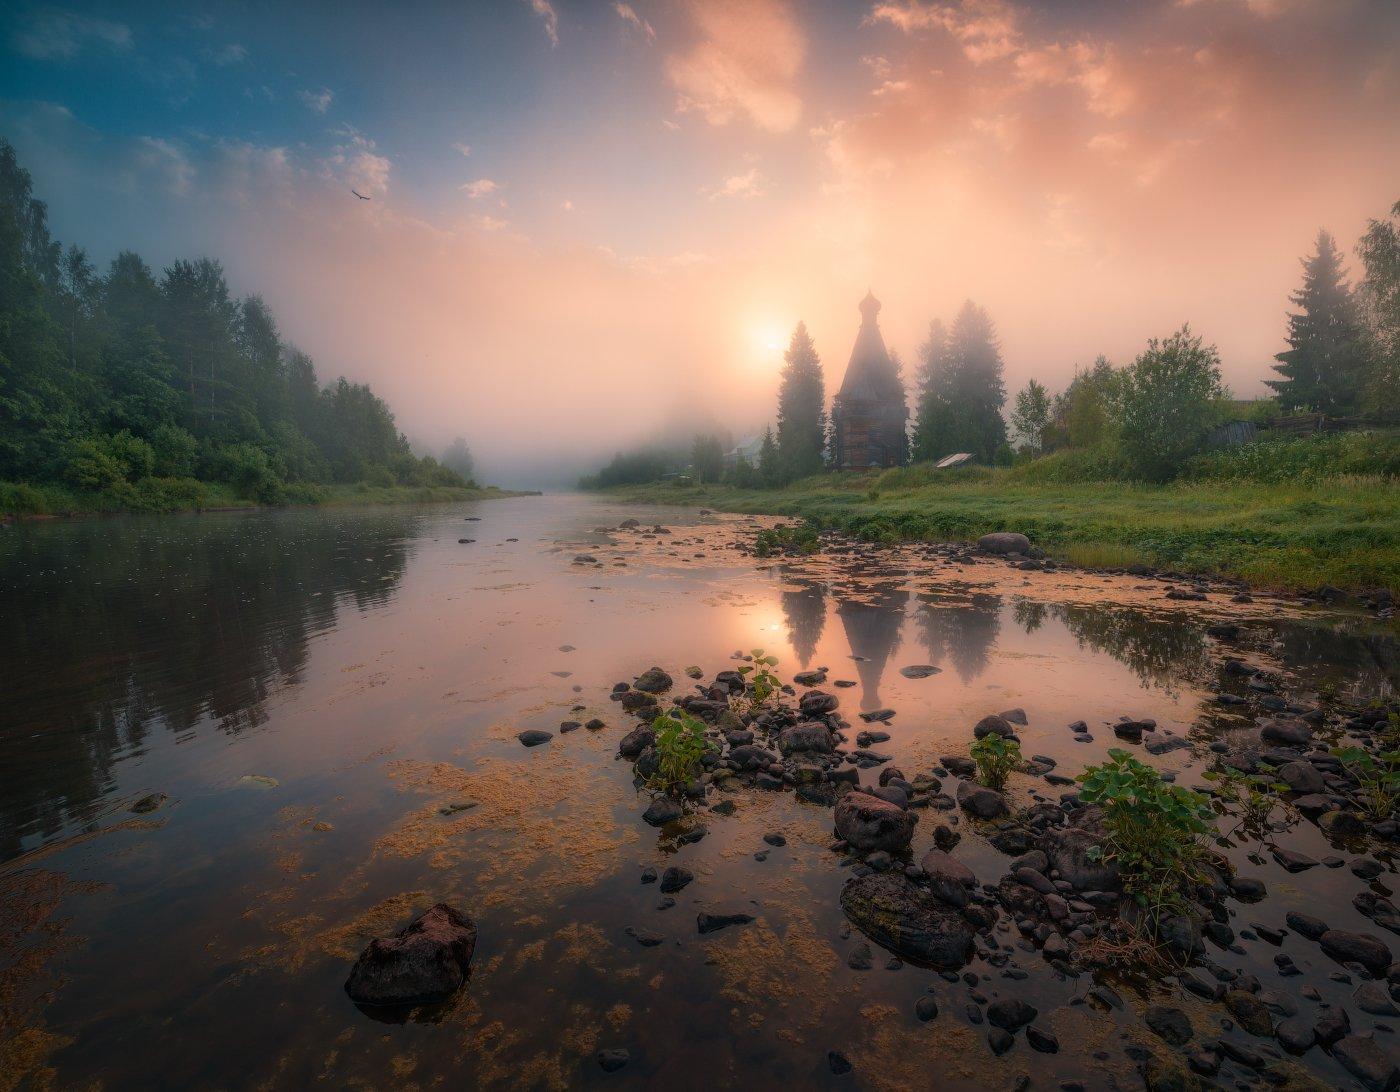 утро, солнце, туман, россия, река, церковь, вода, Cтанислав Малых